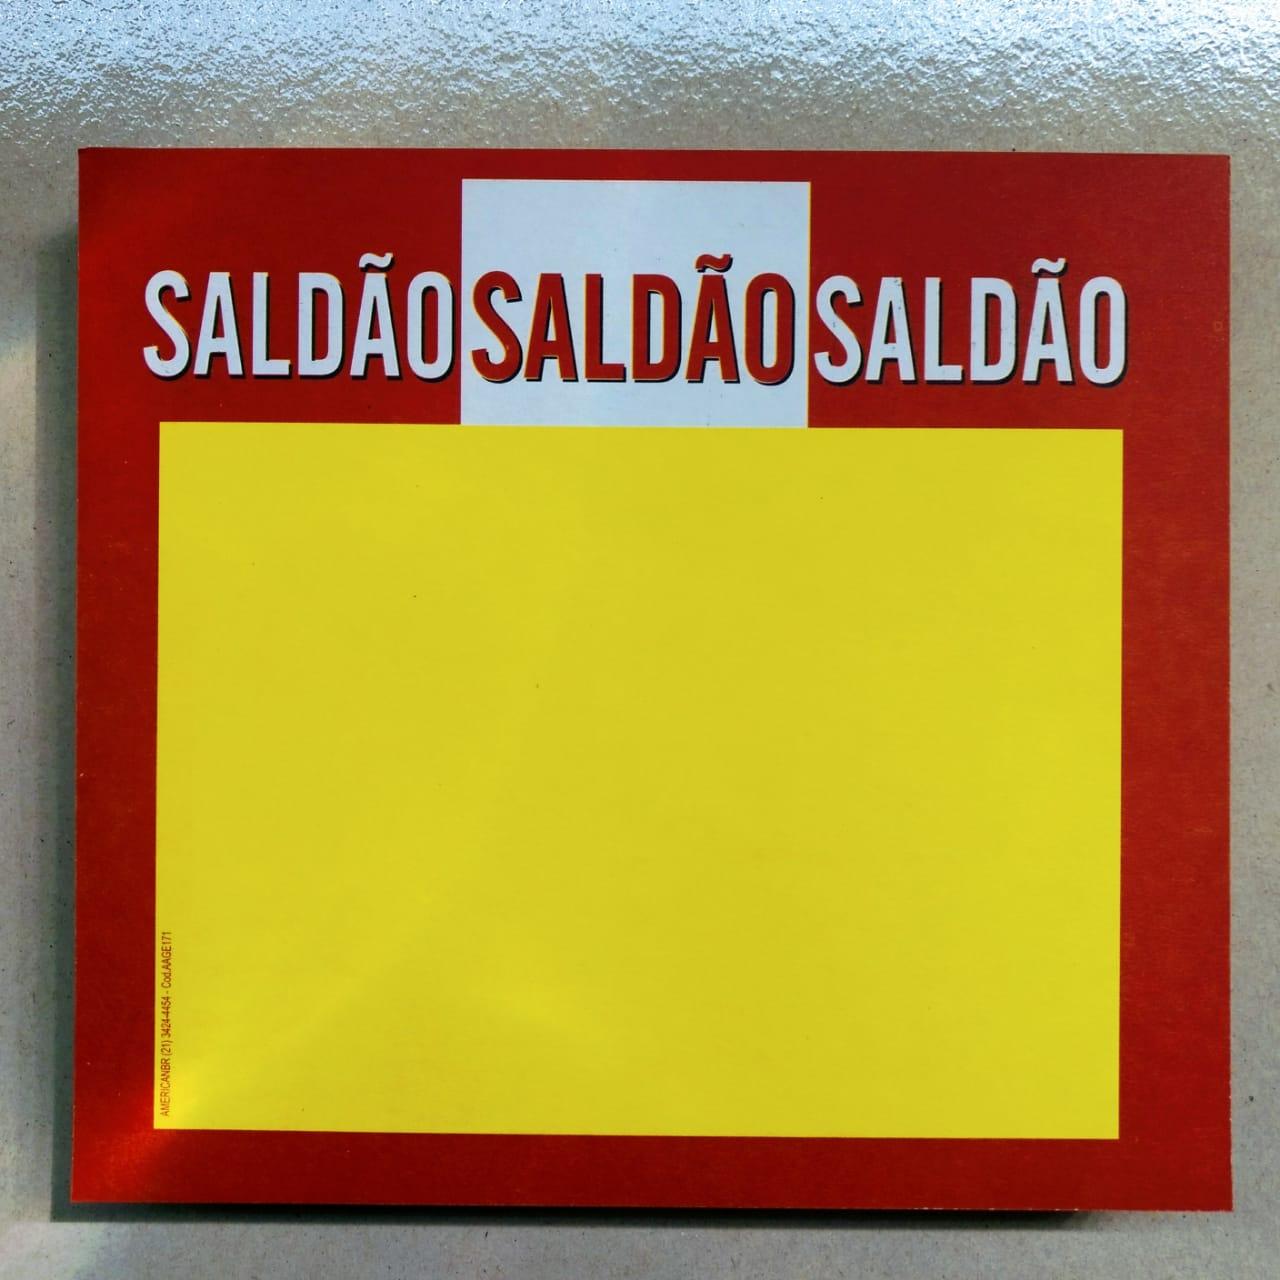 CARTAZ SALDÃO 21X22CM (C/50 UNIDADES)